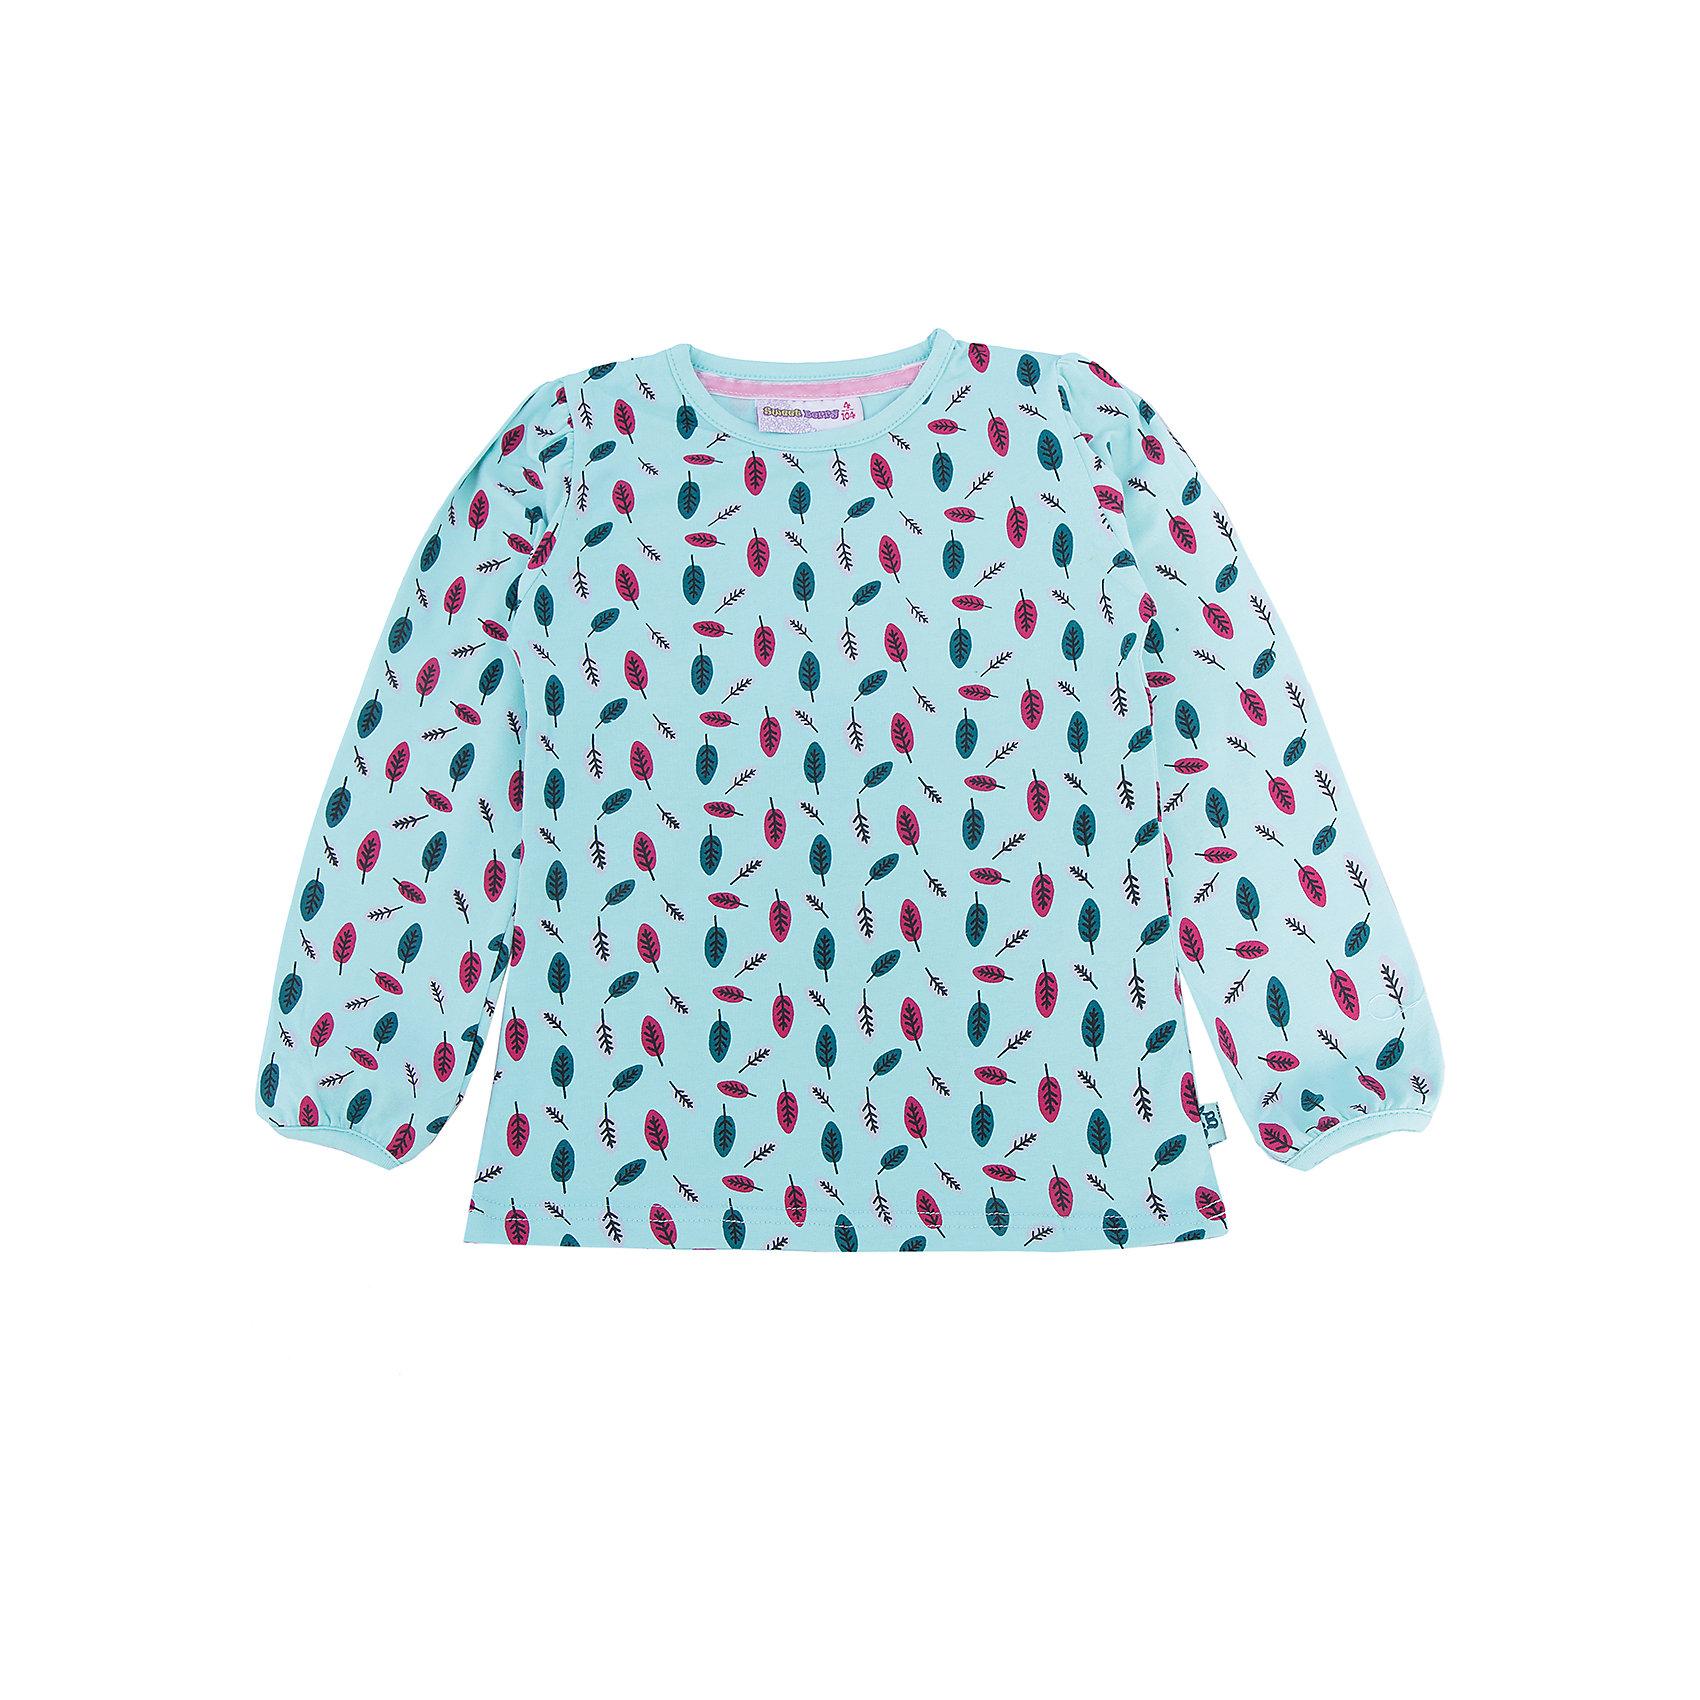 Футболка с длинным рукавом для девочки Sweet BerryТакая футболка с длинным рукавом для девочки отличается модным дизайном с ярким принтом. Удачный крой обеспечит ребенку комфорт и тепло. Вещь плотно прилегает к телу там, где нужно, и отлично сидит по фигуре.<br>Одежда от бренда Sweet Berry - это простой и выгодный способ одеть ребенка удобно и стильно. Всё изделия тщательно проработаны: швы - прочные, материал - качественный, фурнитура - подобранная специально для детей. <br><br>Дополнительная информация:<br><br>цвет: голубой;<br>материал: 95% хлопок, 5% эластан;<br>декорирована принтом.<br><br>Футболку с длинным рукавом для девочки от бренда Sweet Berry можно купить в нашем интернет-магазине.<br><br>Ширина мм: 230<br>Глубина мм: 40<br>Высота мм: 220<br>Вес г: 250<br>Цвет: голубой<br>Возраст от месяцев: 24<br>Возраст до месяцев: 36<br>Пол: Женский<br>Возраст: Детский<br>Размер: 98,104,110,116,122,128<br>SKU: 4931630